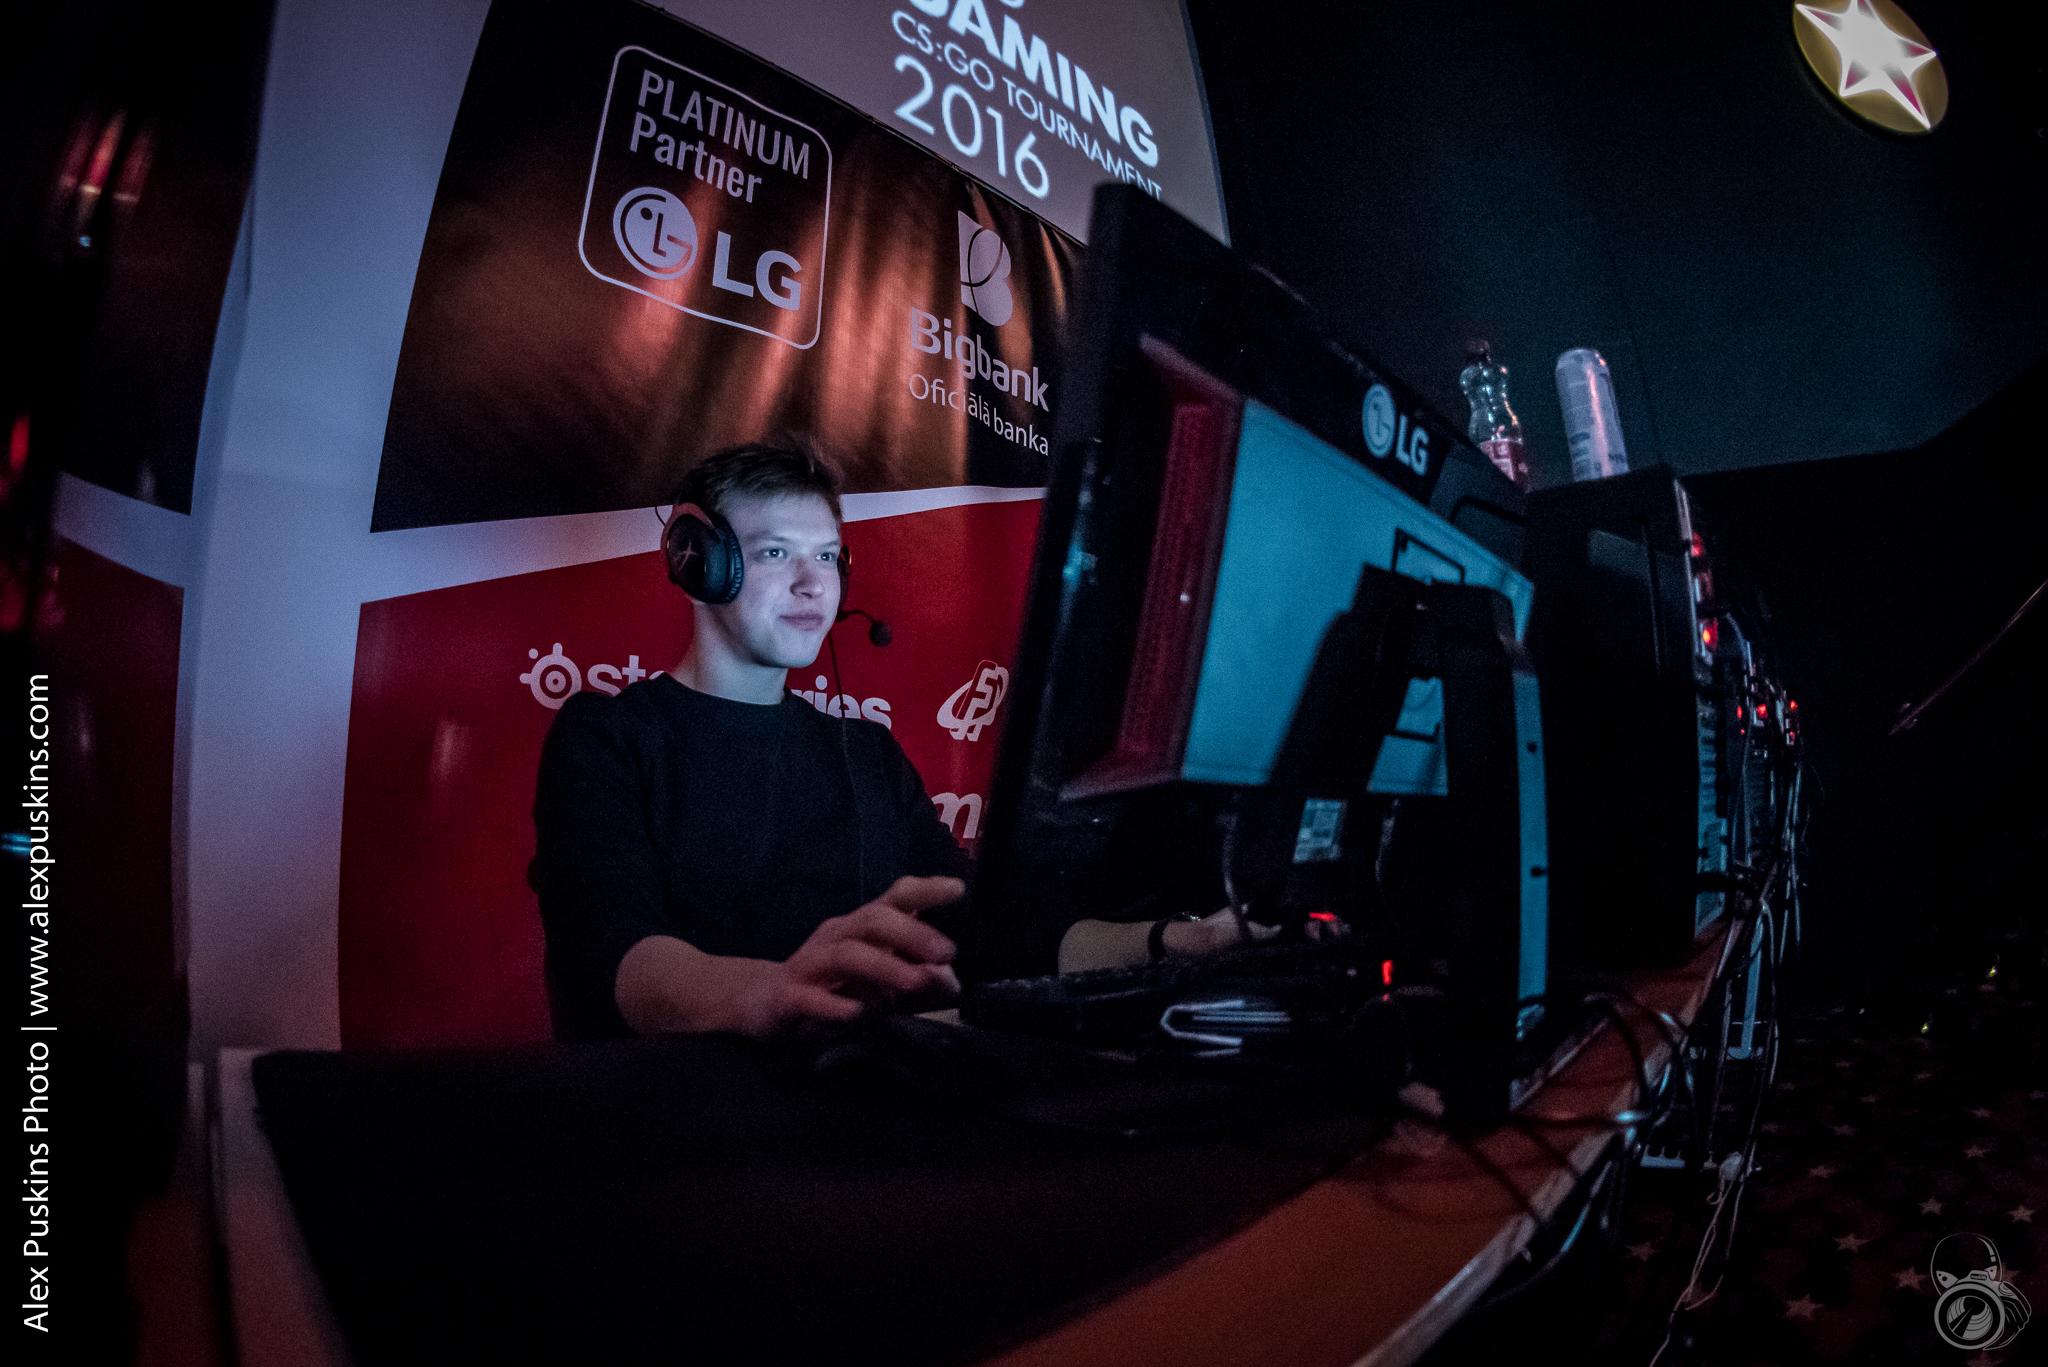 Увлекательная сенсация об игре Counter-Strike